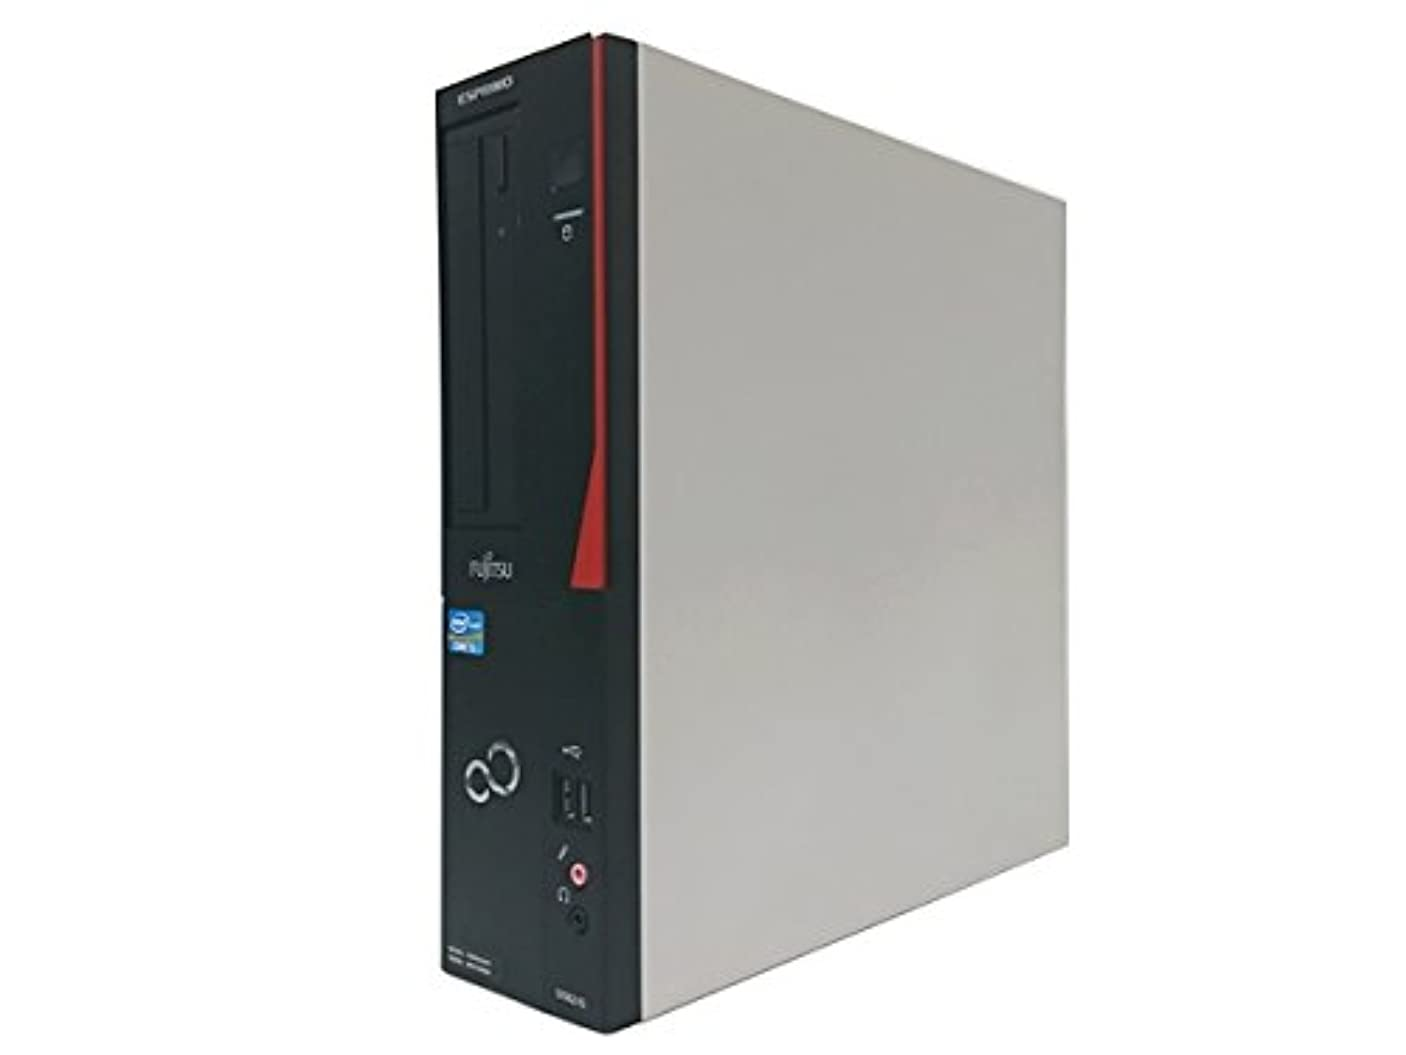 爪ハッチ重要な役割を果たす、中心的な手段となる中古 デスクトップパソコン【Windows10】富士通 ESPRIMO D582/G (Core i3 3240 3.4GHz 4GB 250GB DVD-ROM Windows10 Professional 64bit)【中古パソコン販売パクス】